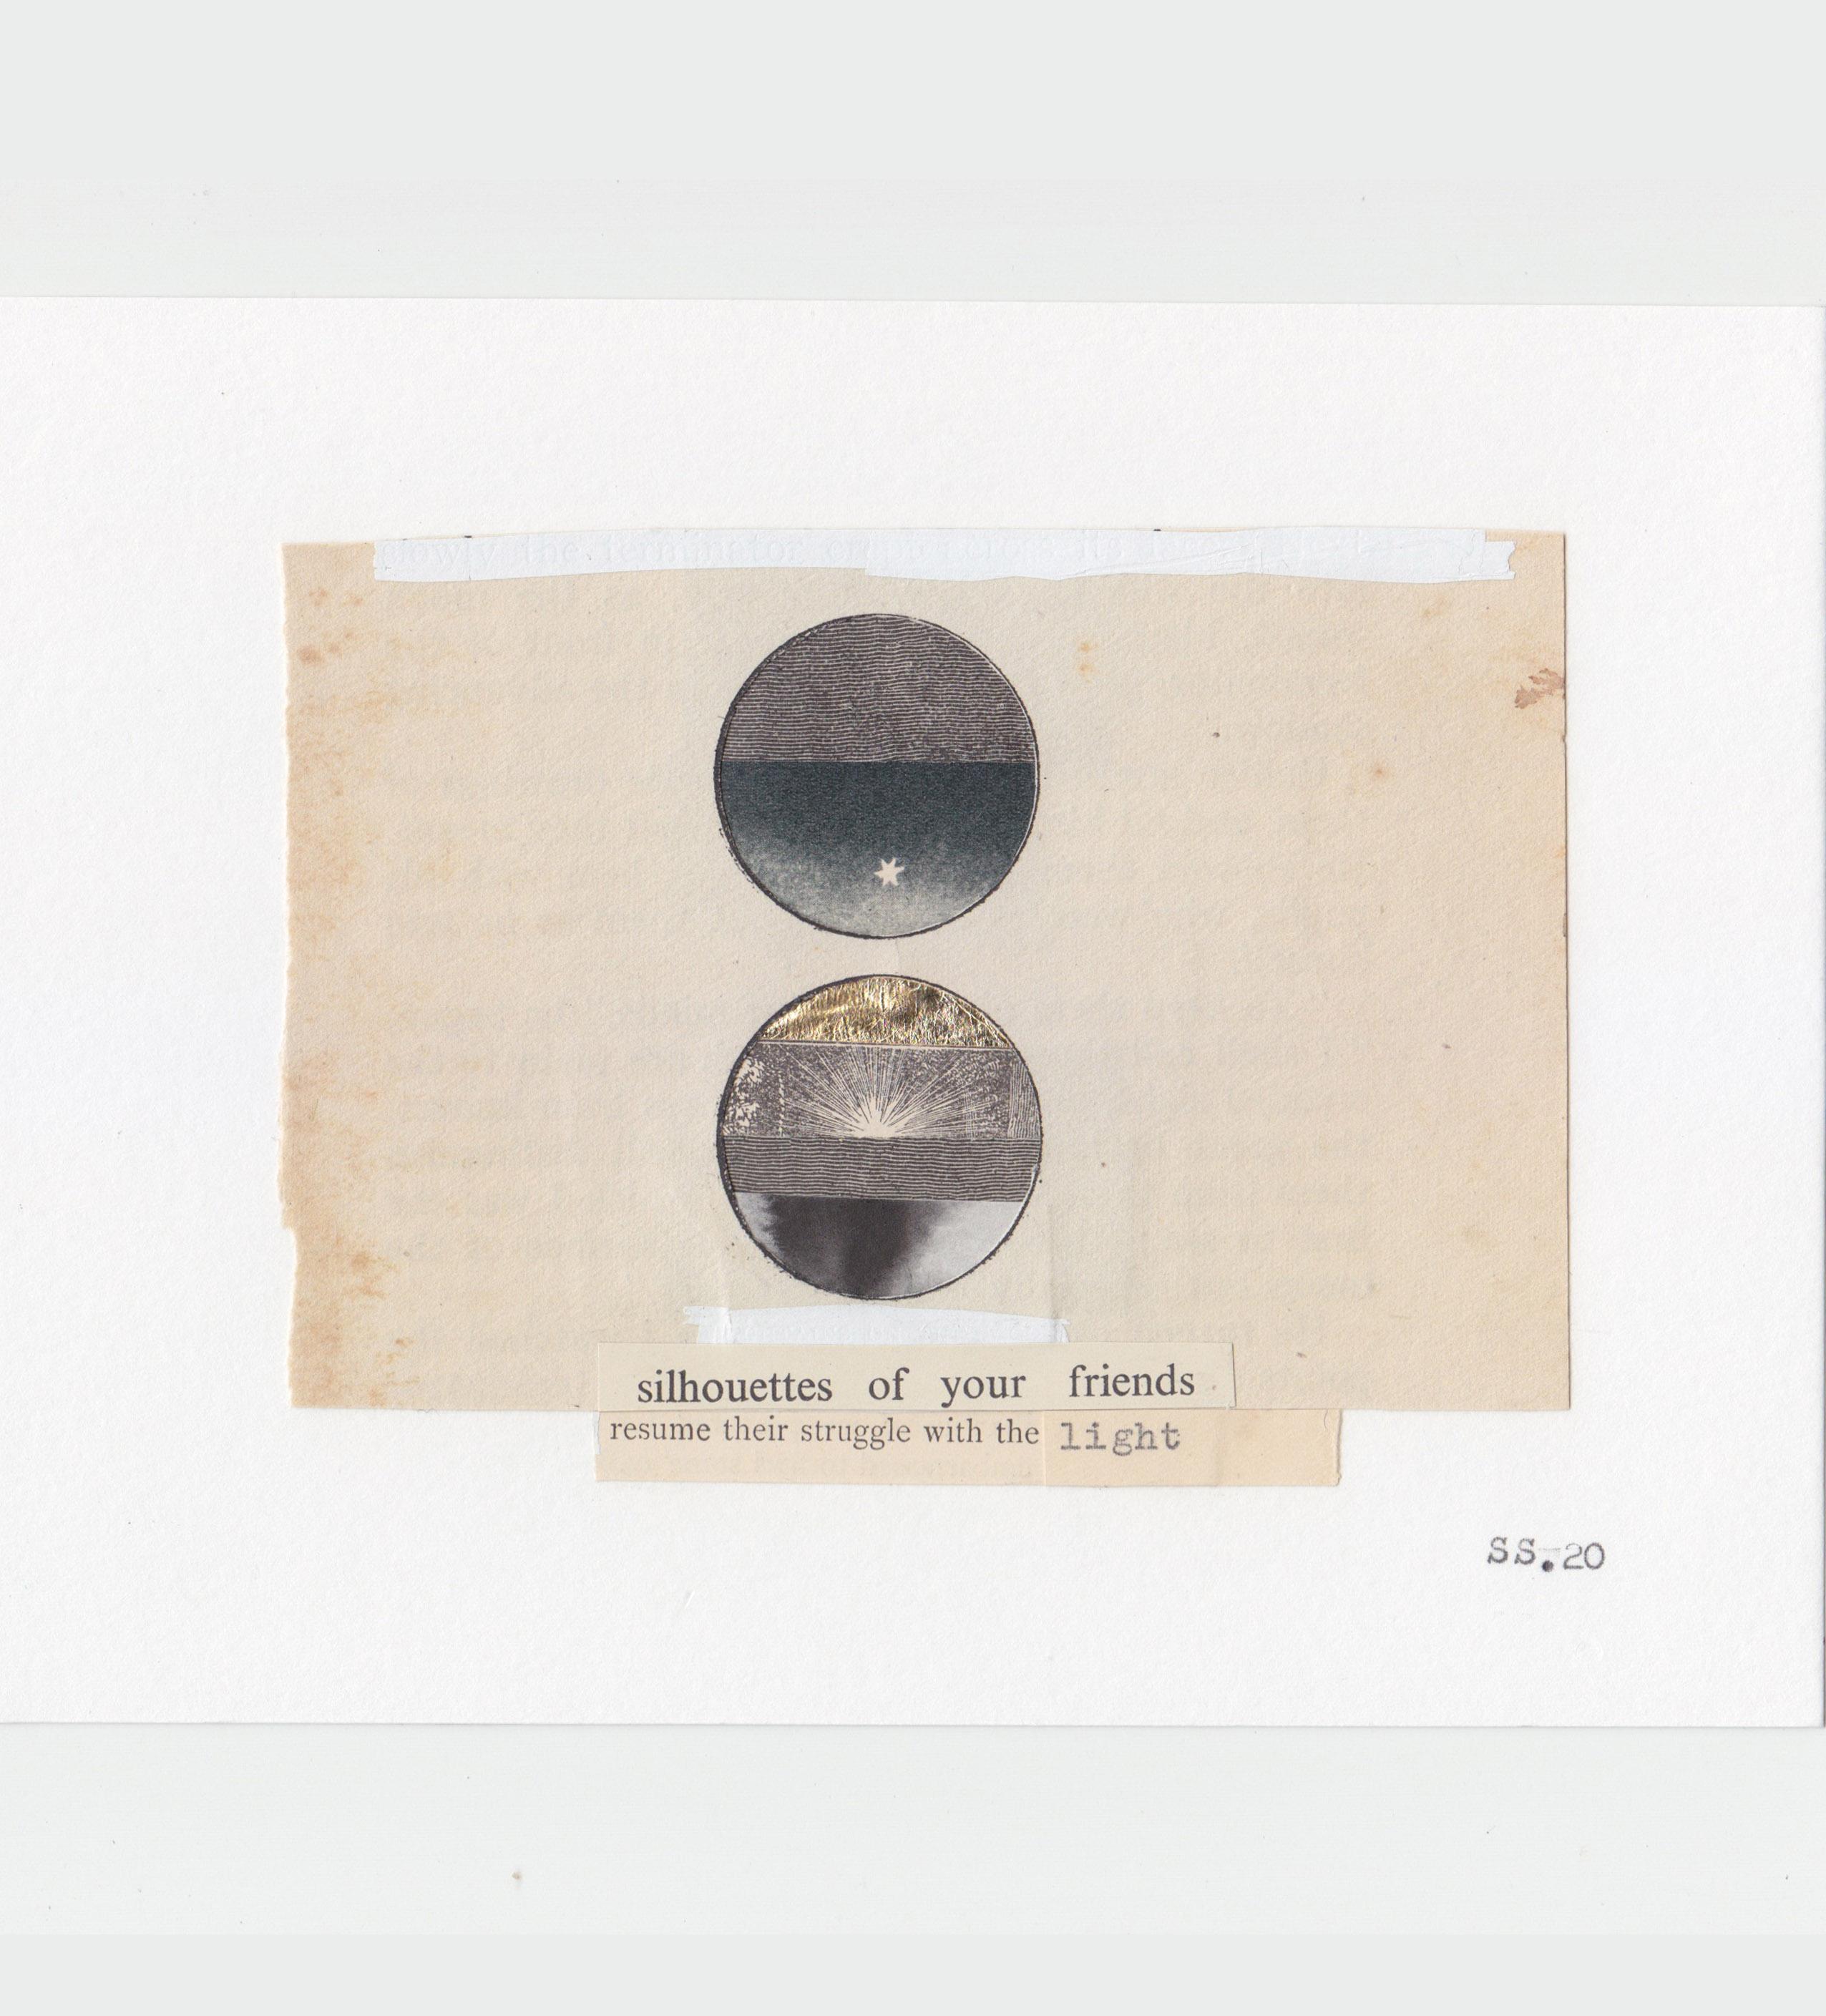 S 1.19 - 18x14 cm